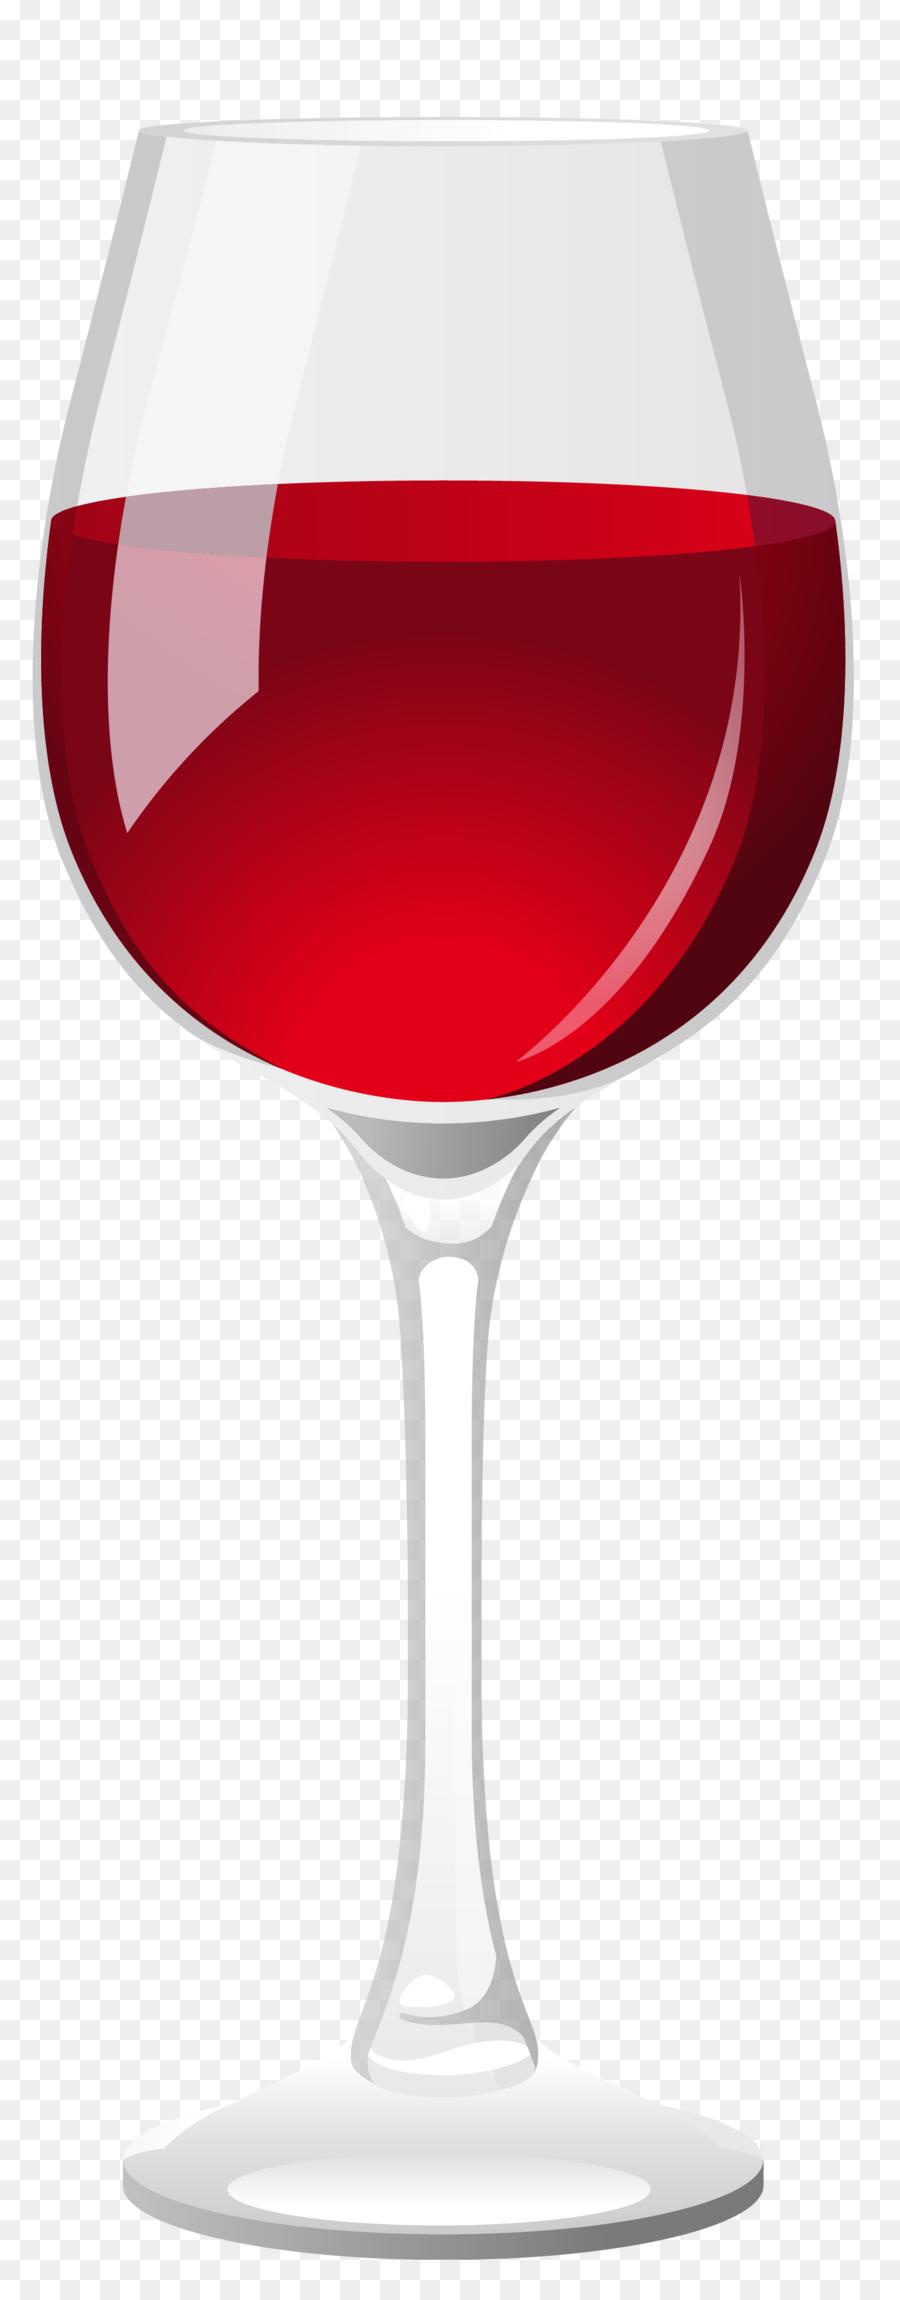 Descarga gratuita de Vino Tinto, Vino, Wassail Imágen de Png